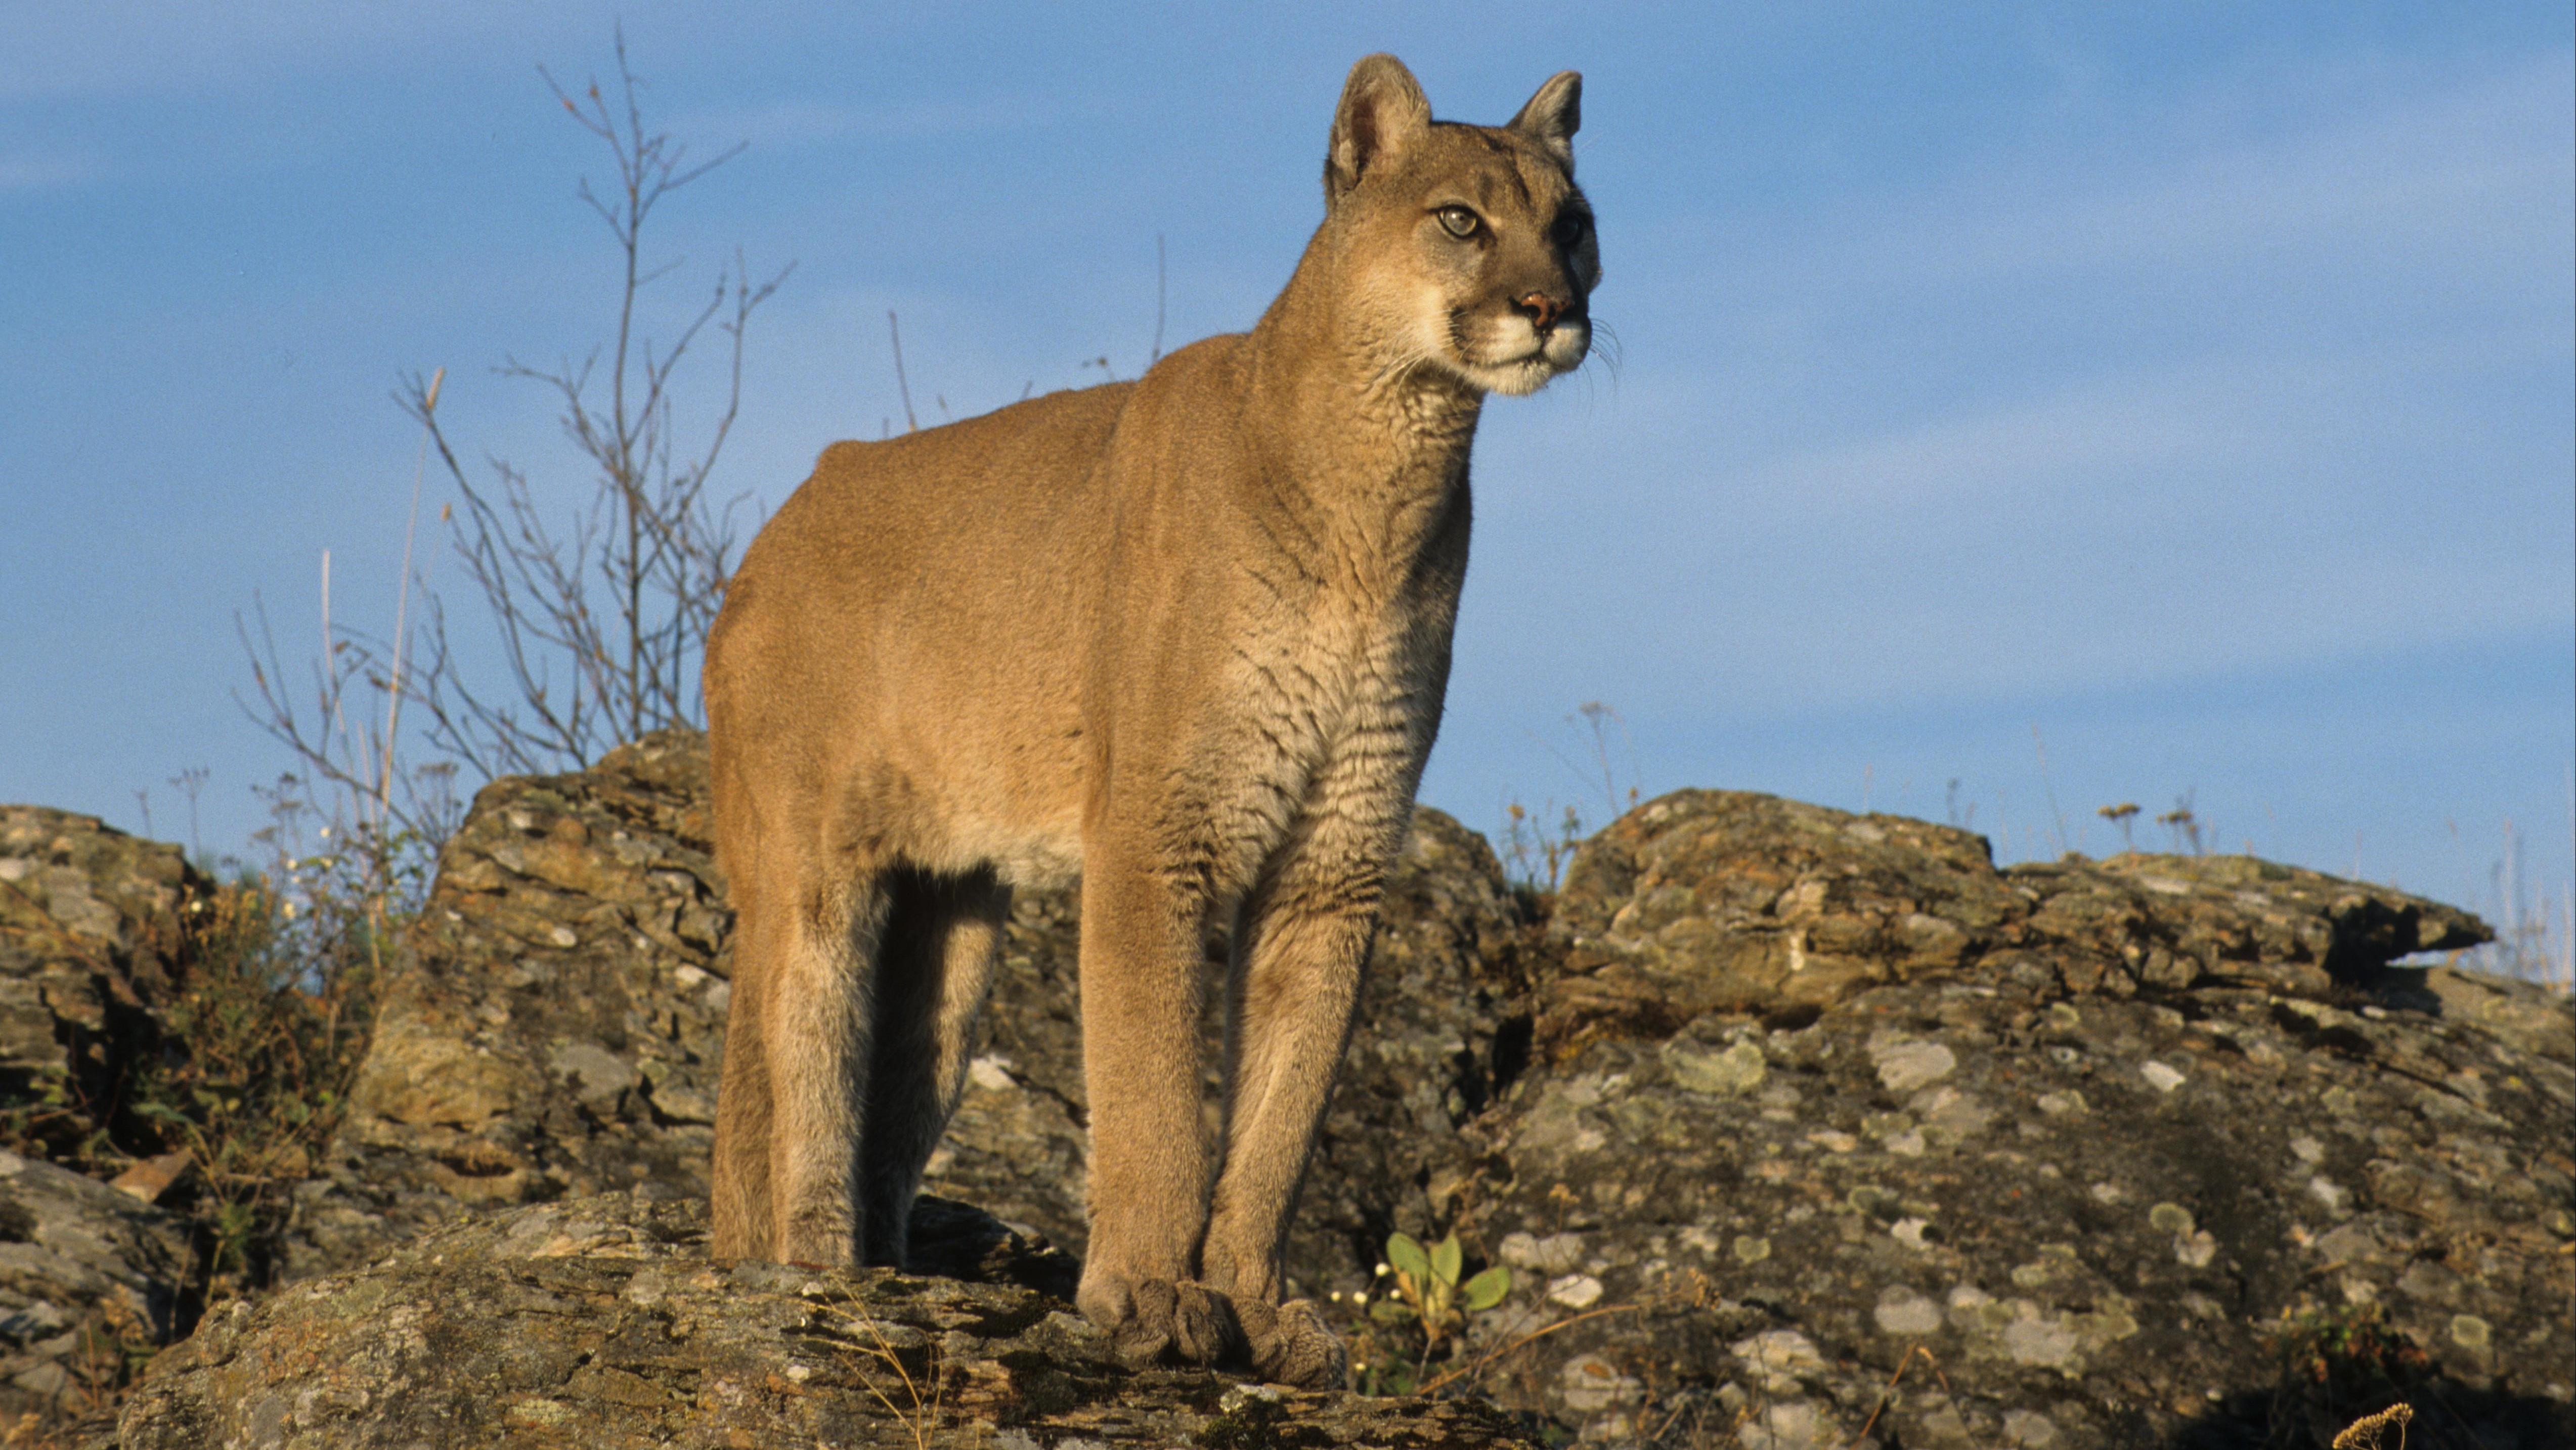 Puma (Felis concolor) Alttier steht auf Fels.